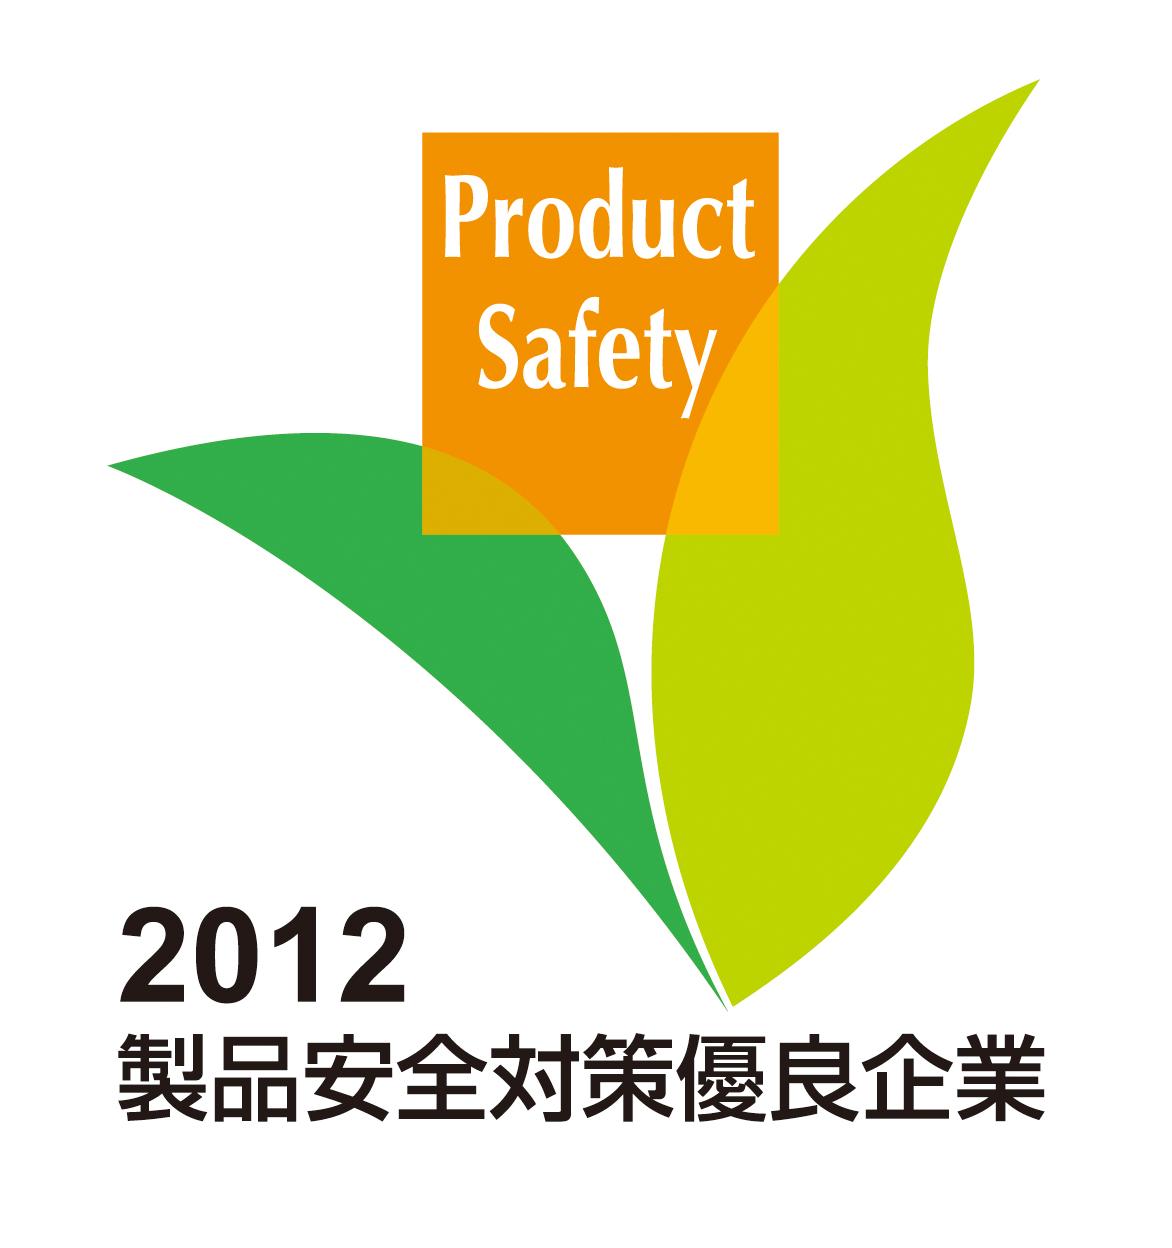 2012製品安全対策優良企業